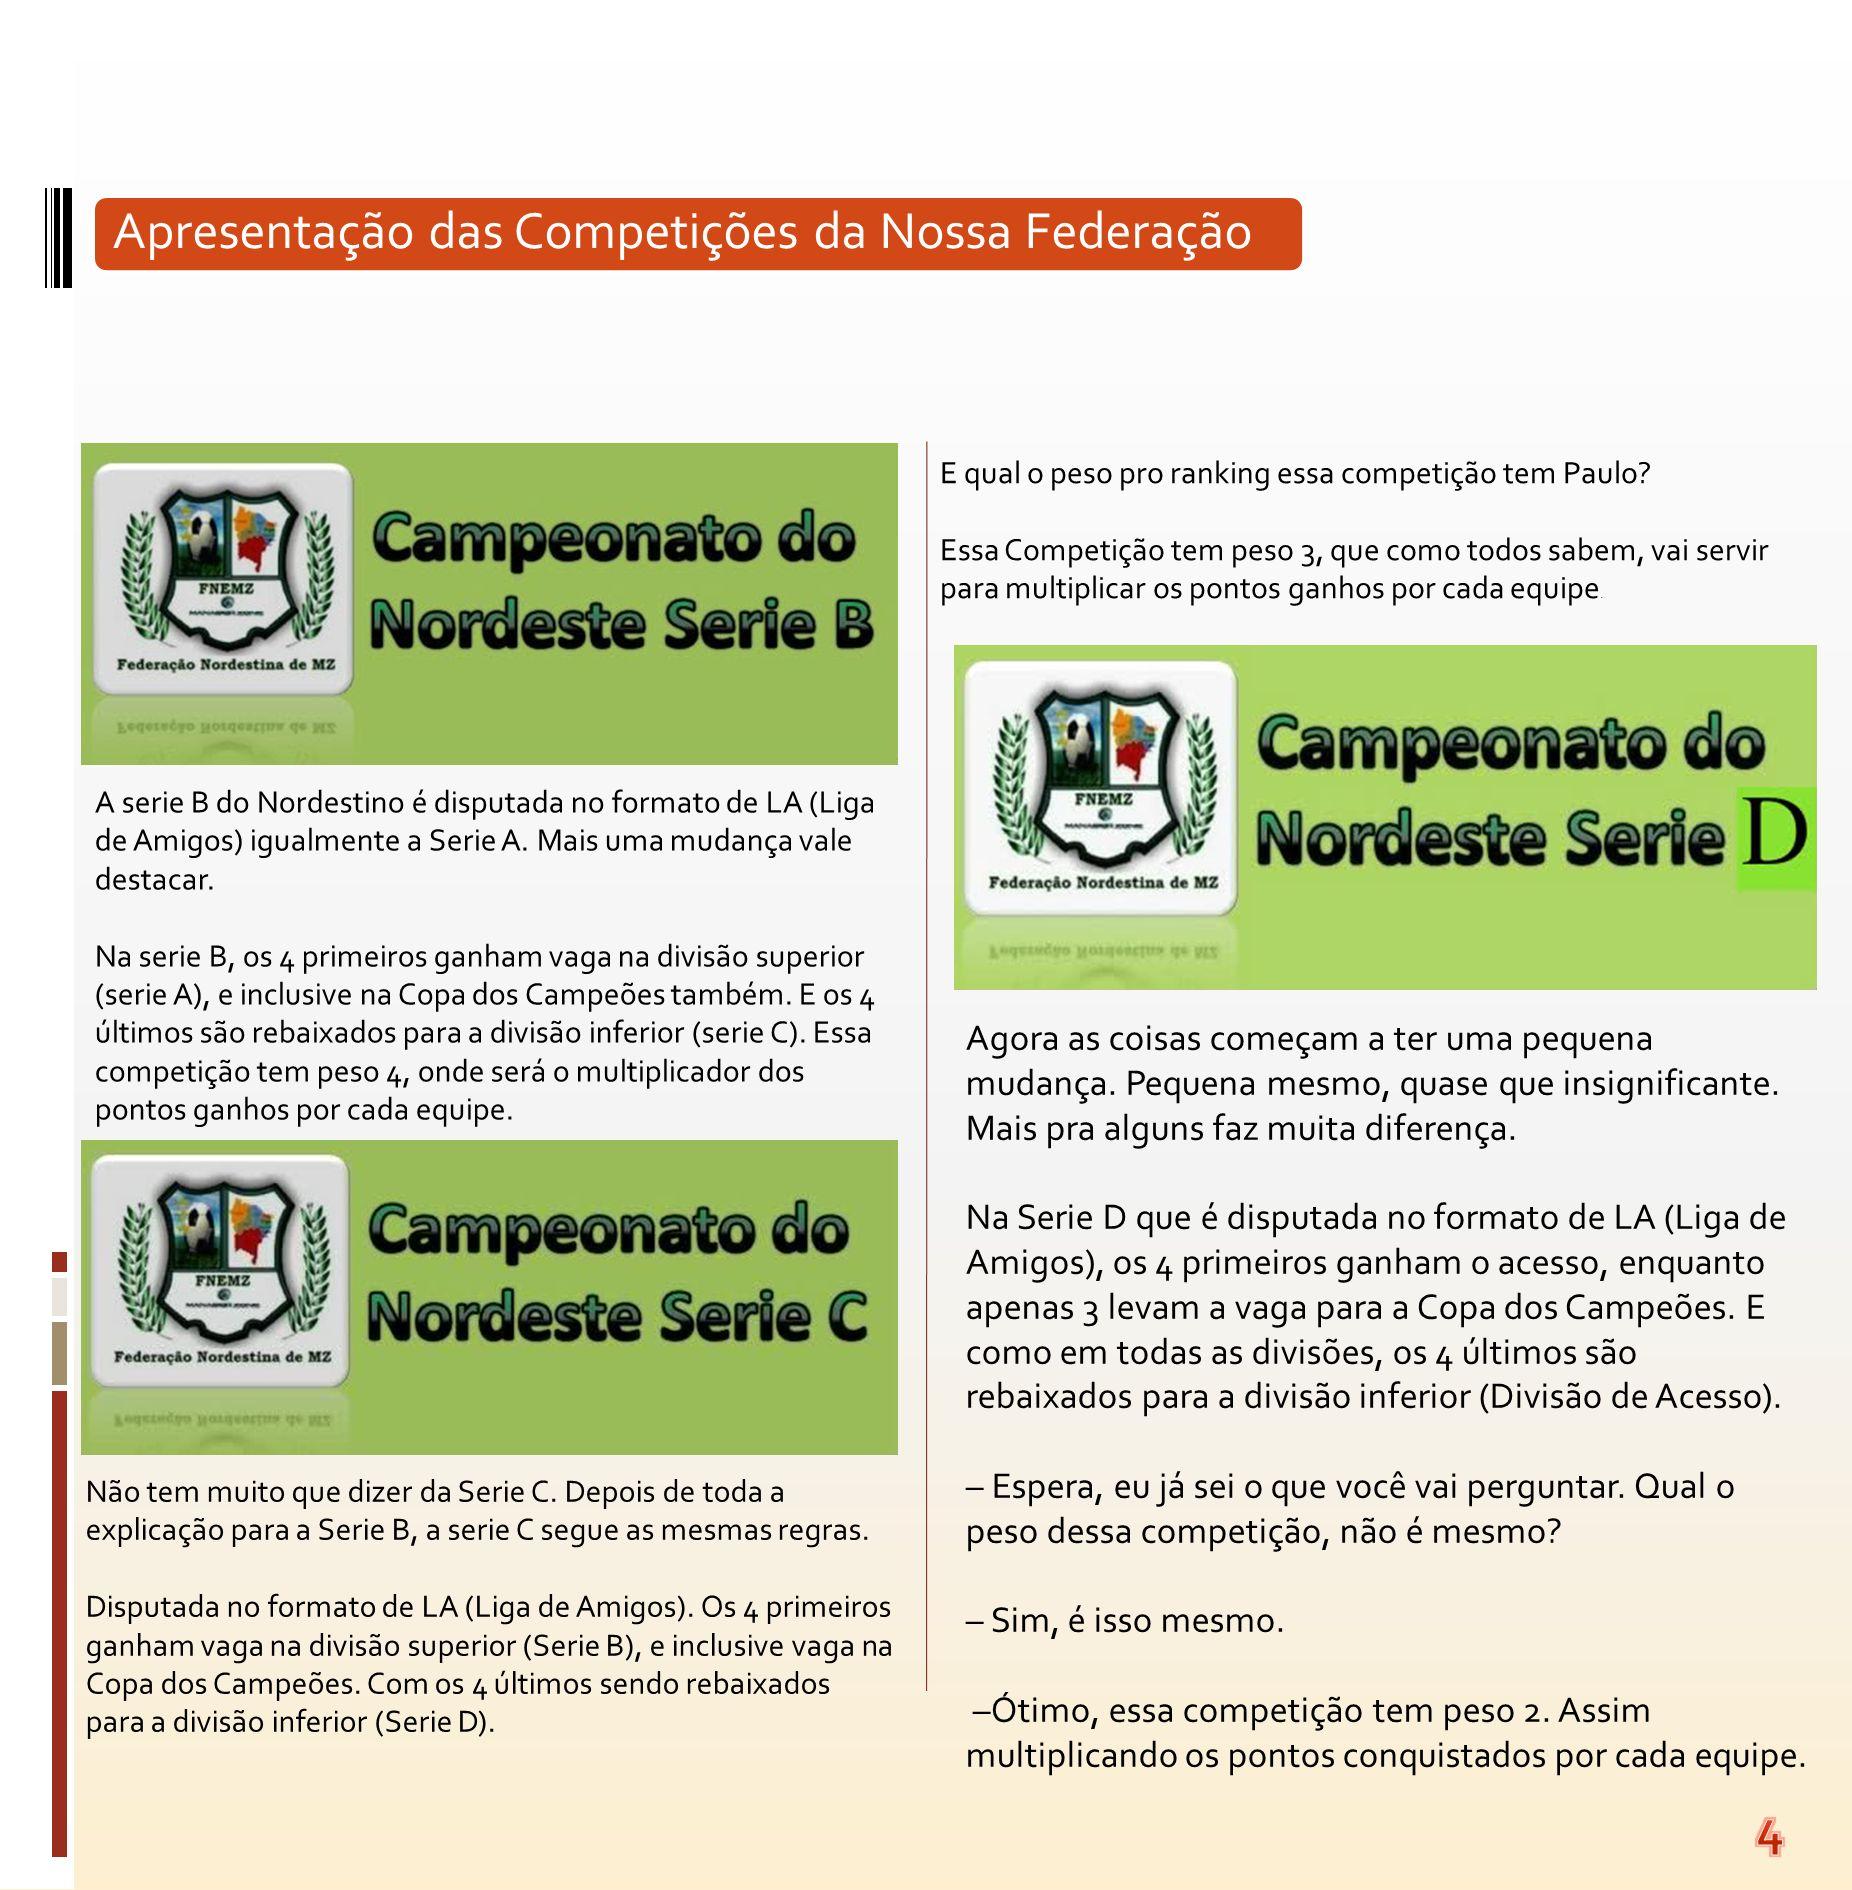 A serie B do Nordestino é disputada no formato de LA (Liga de Amigos) igualmente a Serie A. Mais uma mudança vale destacar. Na serie B, os 4 primeiros